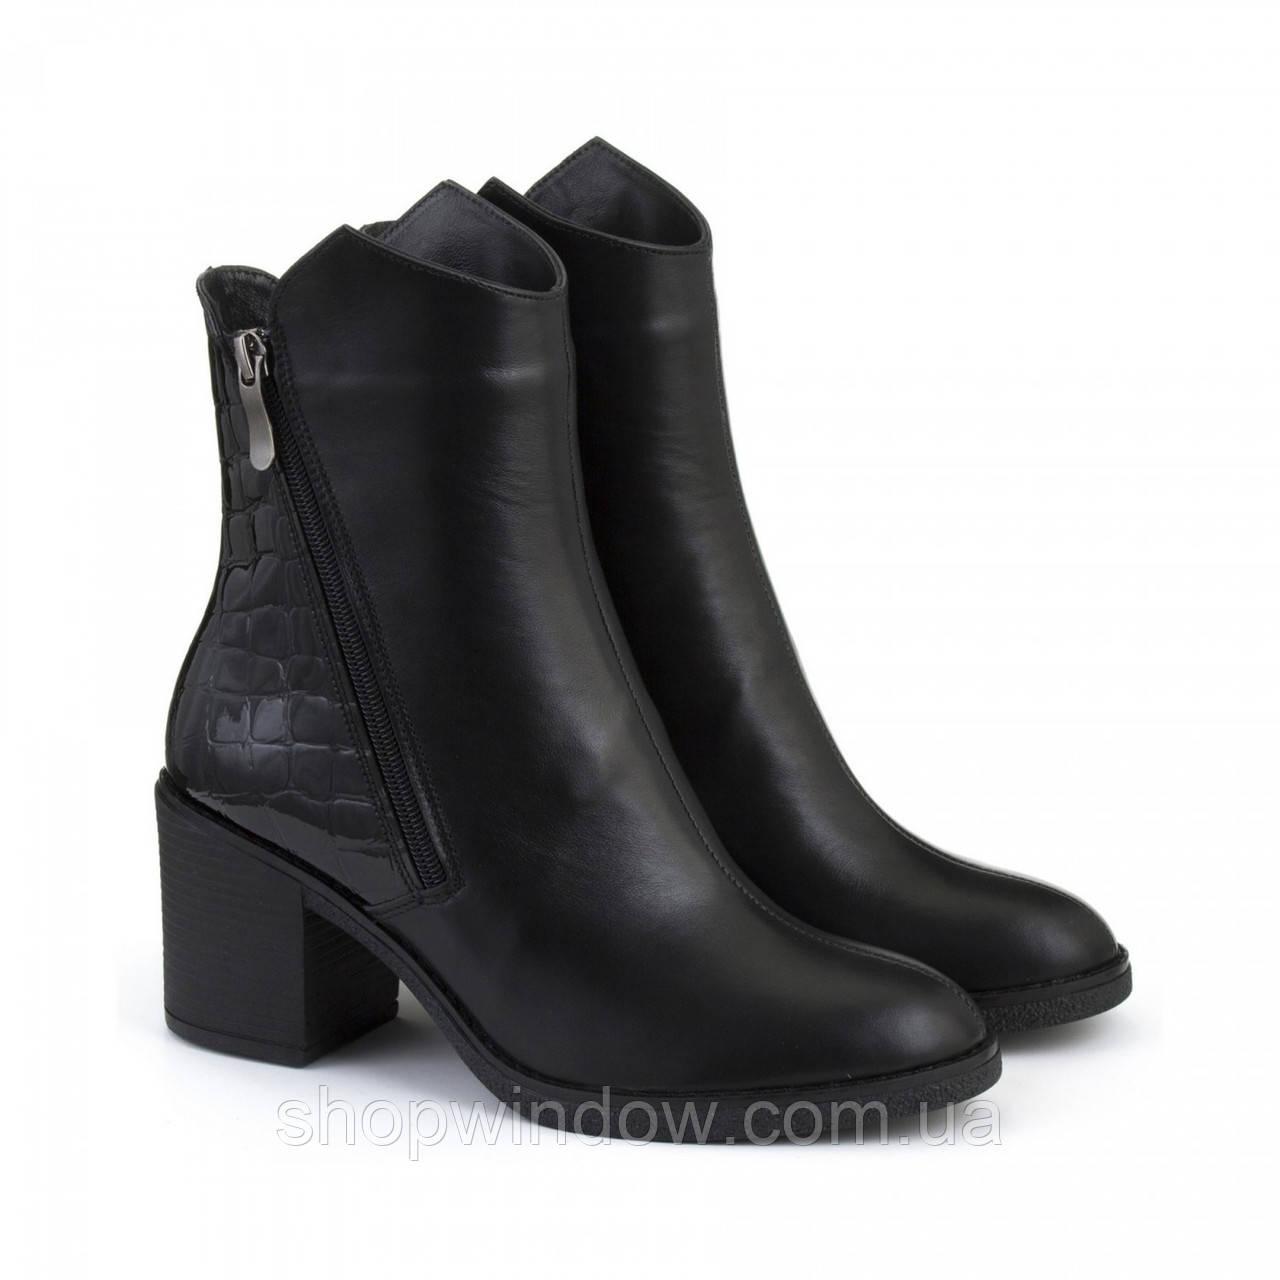 d37cc2c1d Осенние женские ботинки. Ботинки женские стильные. Женская обувь осень.  Ботинки